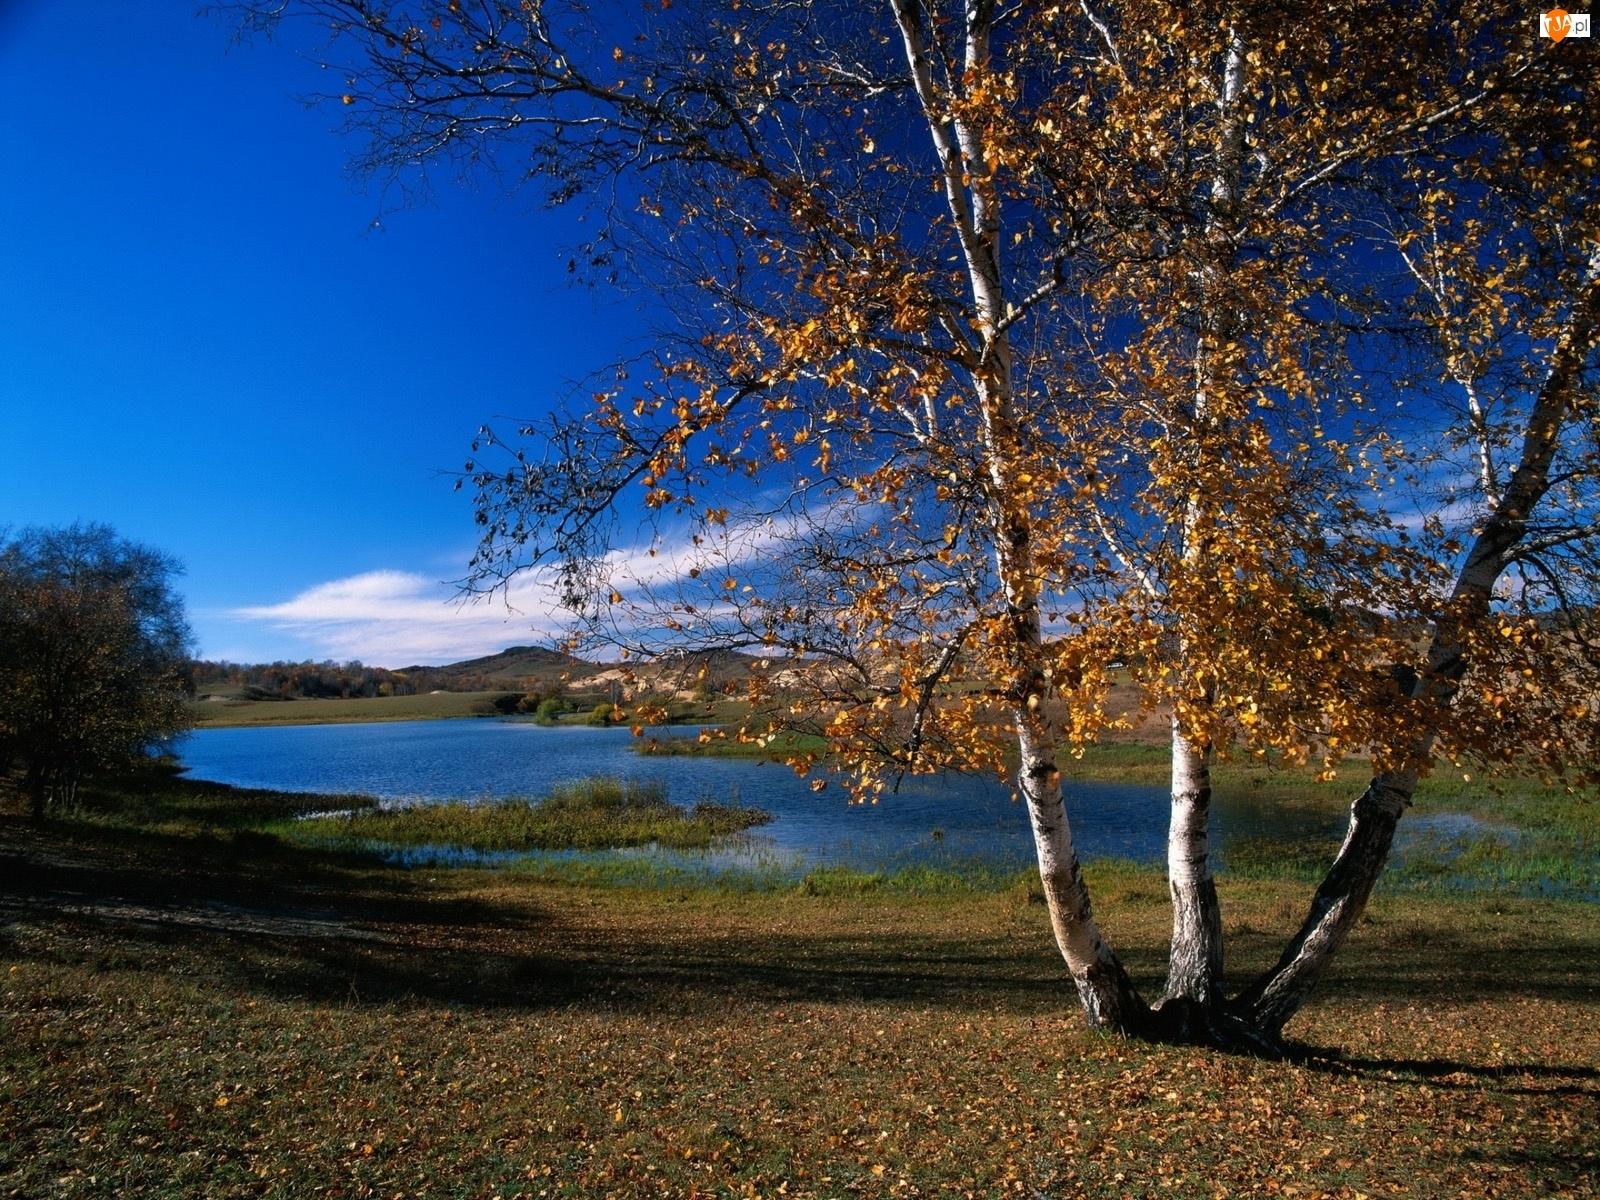 Jesień, Brzoza, Jezioro, Przyroda